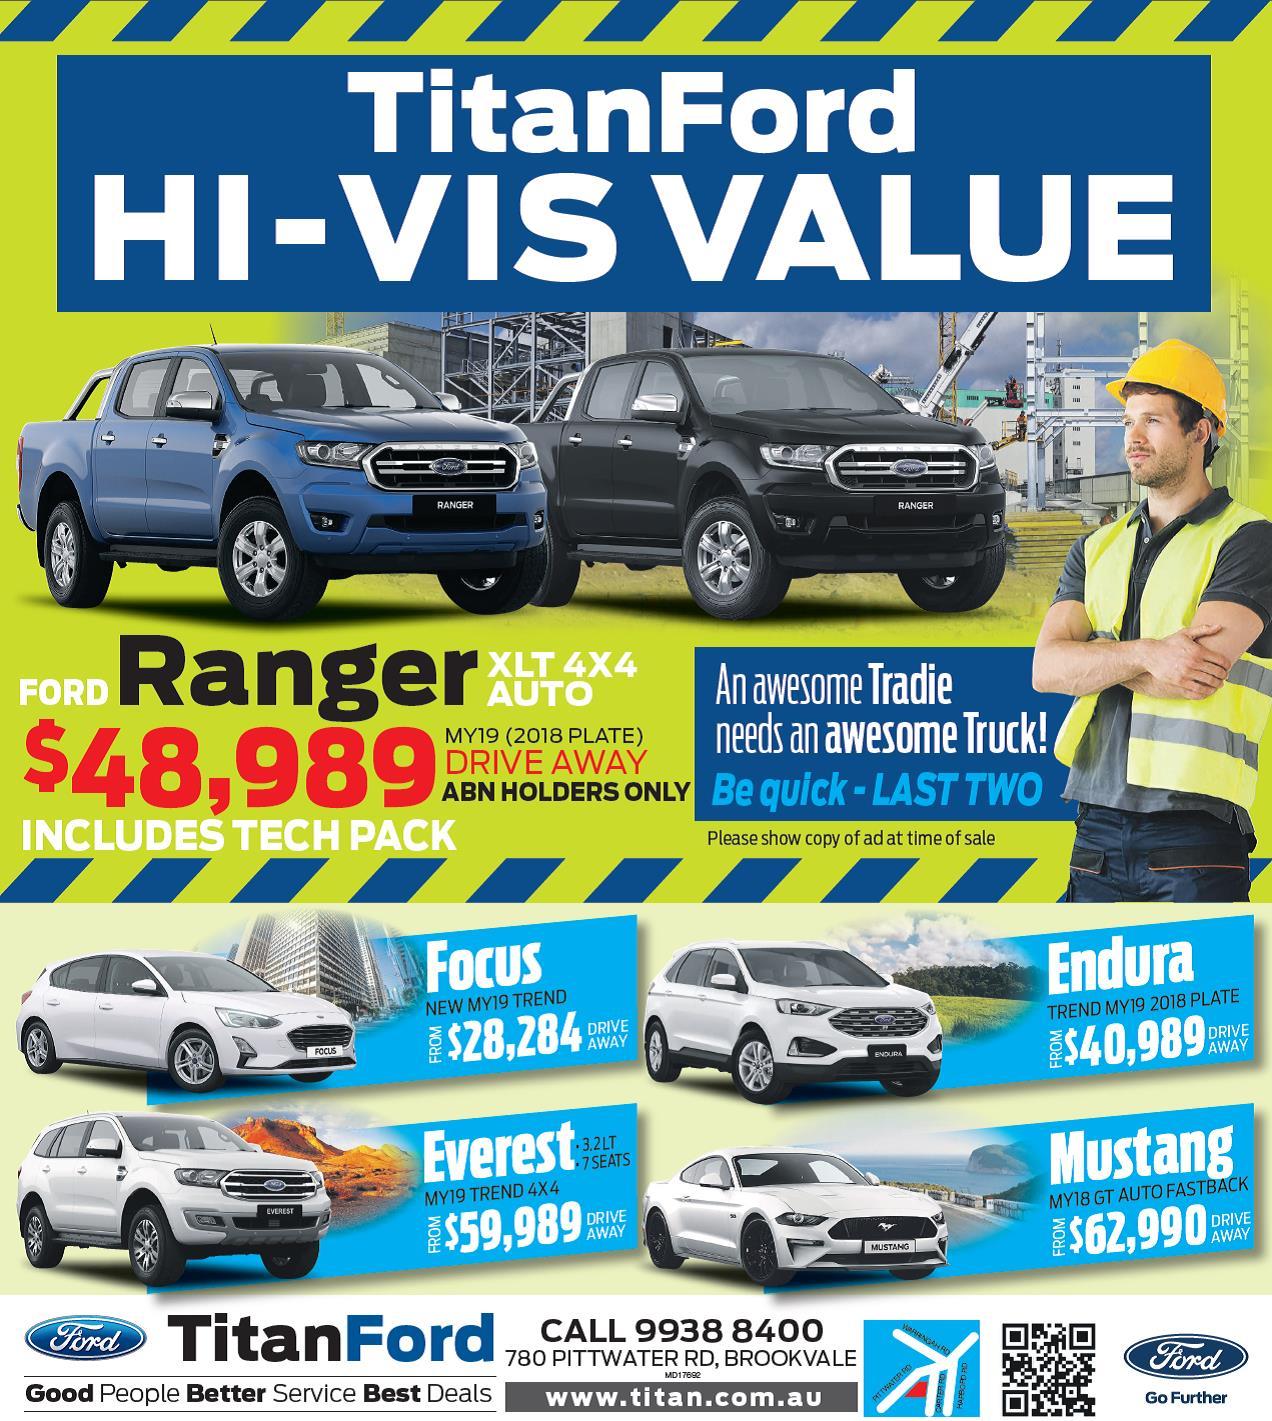 Get Down to Titan Ford Brookvale for 'HI-VIS Value' - Manly